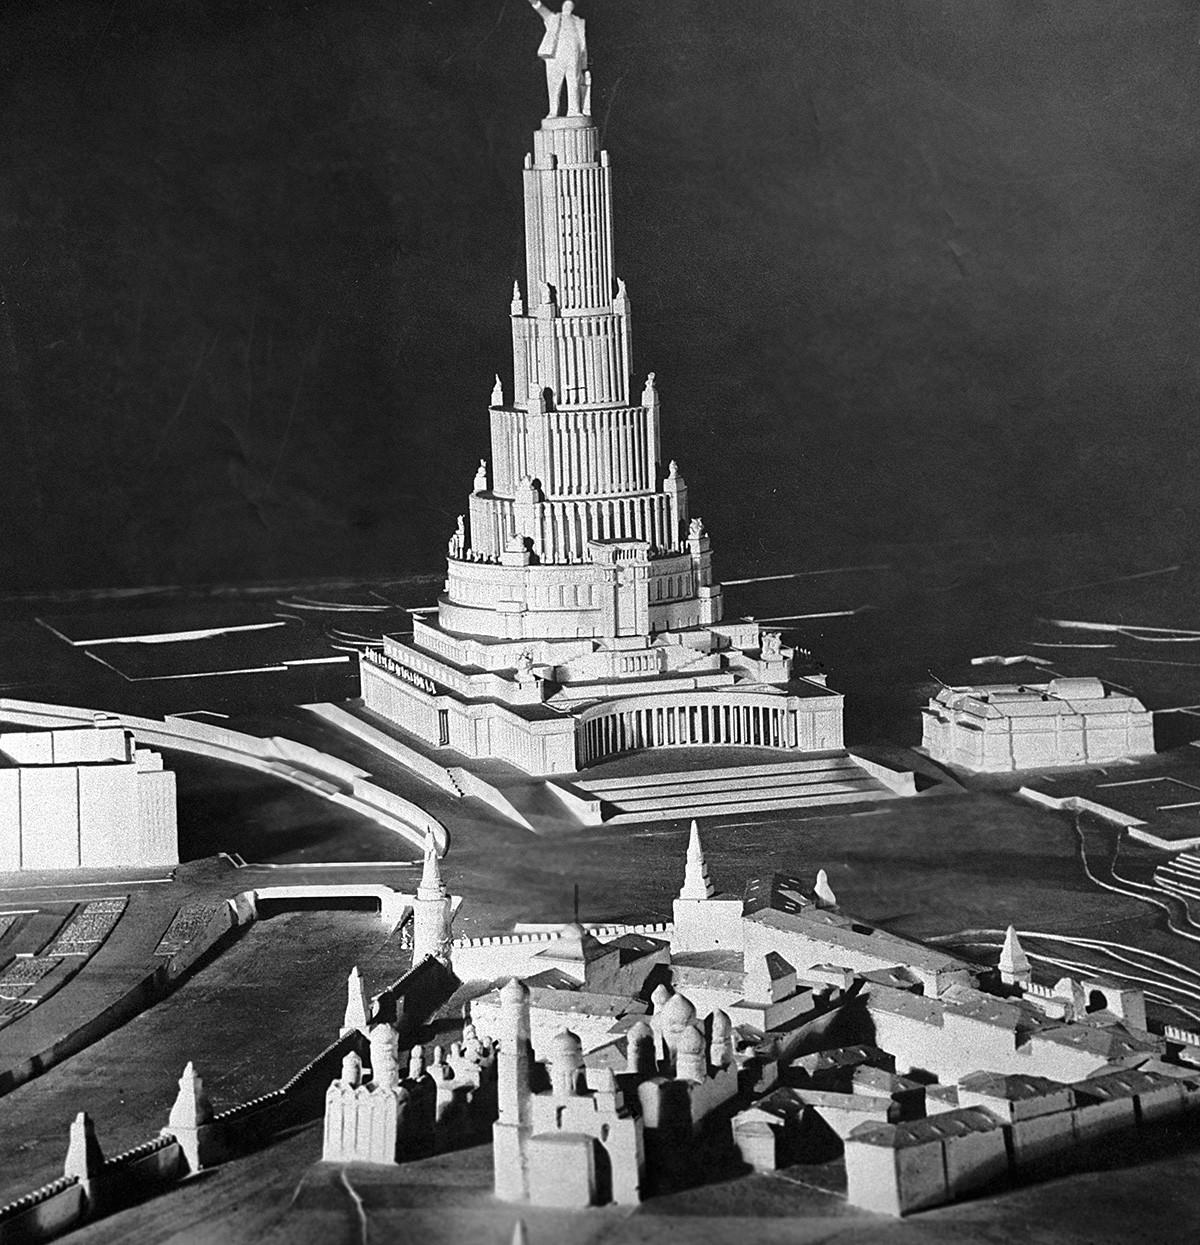 ボリス・イオファン建築家に設計されたソビエト宮殿の模型